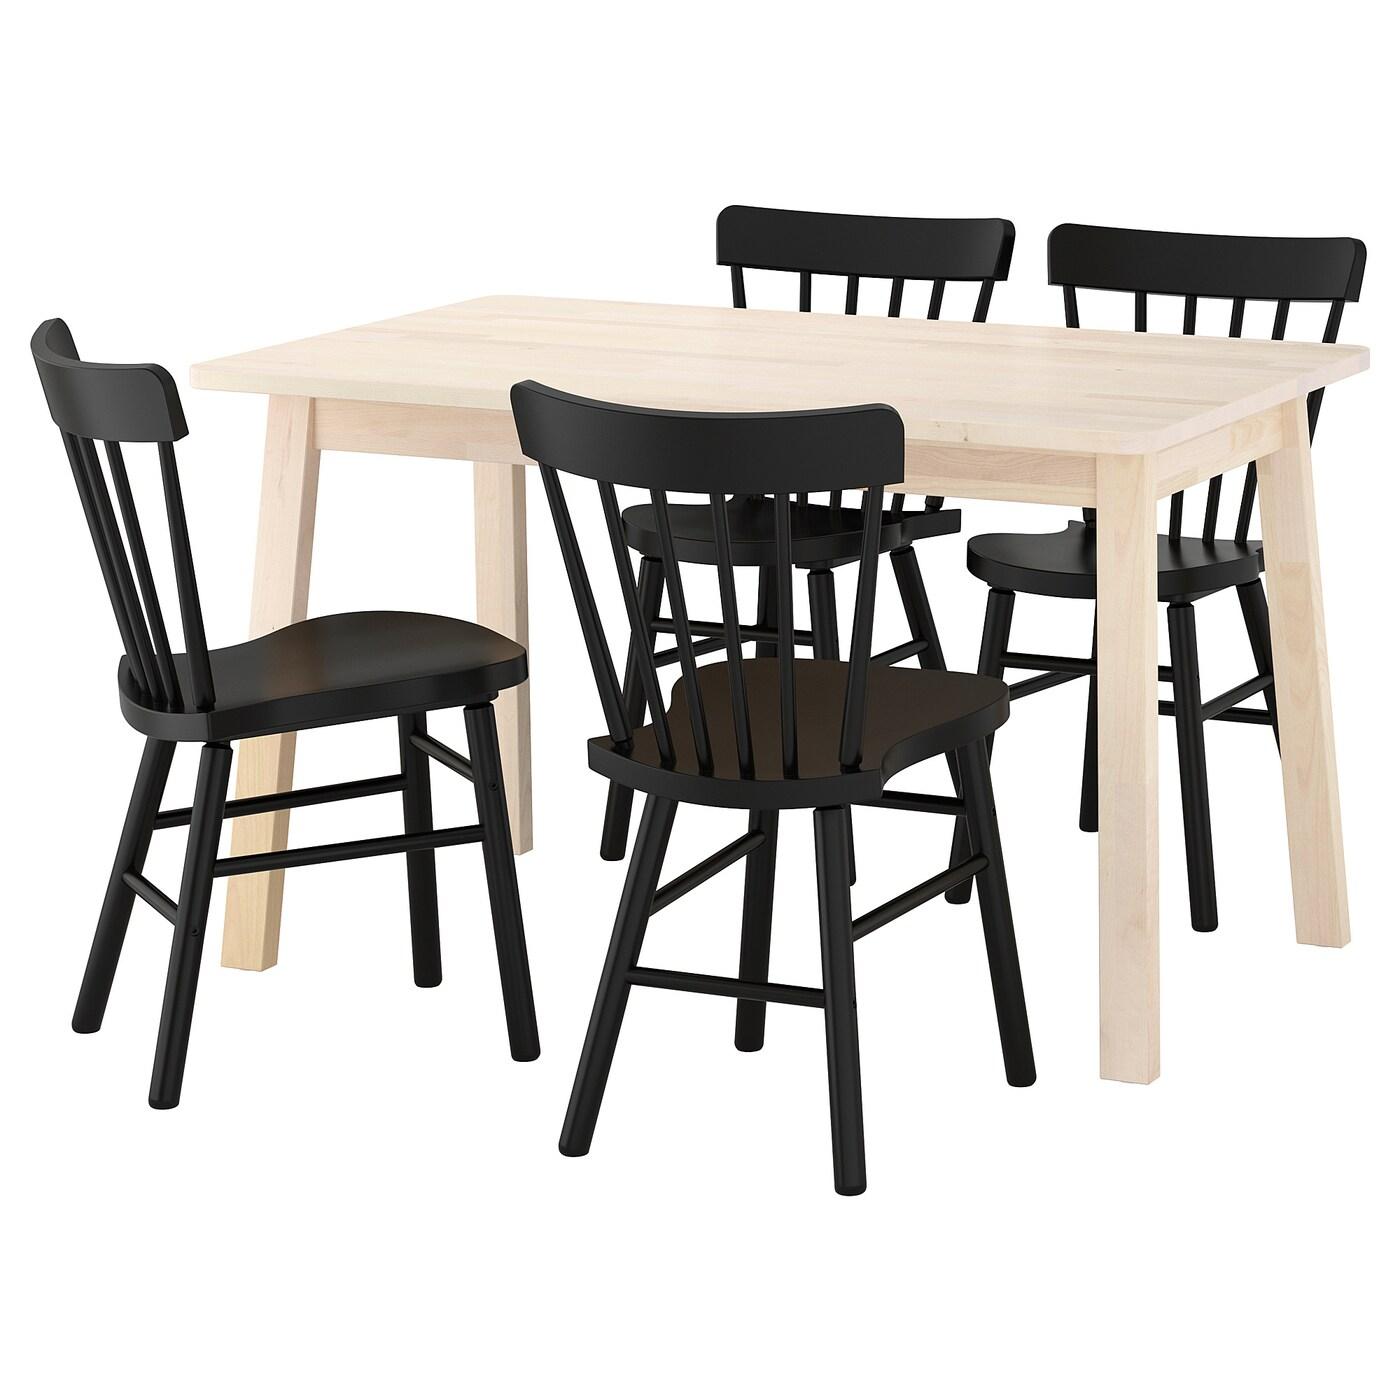 NORRARYD/NORRÅKER Table et 4 chaises Blanc bouleau/noir 125 cm - IKEA